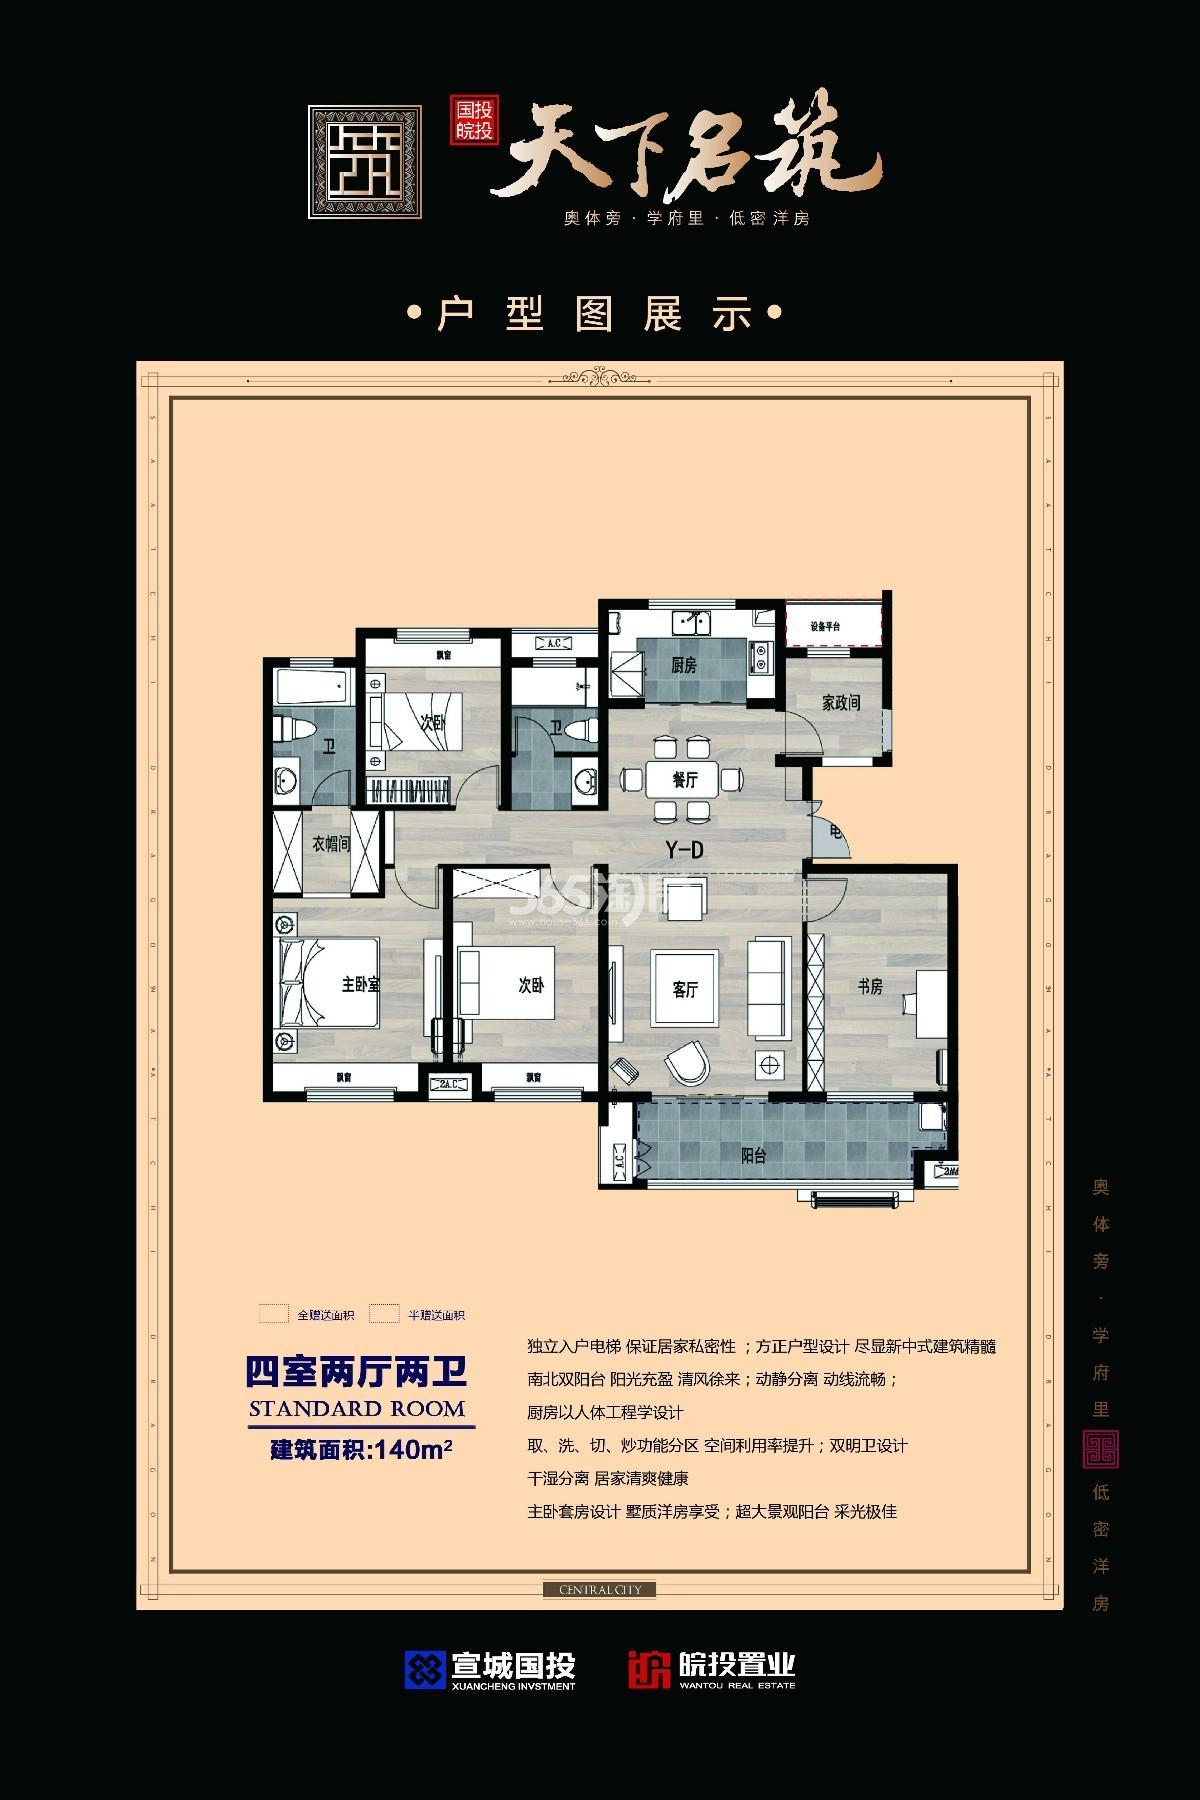 140㎡墅式四室